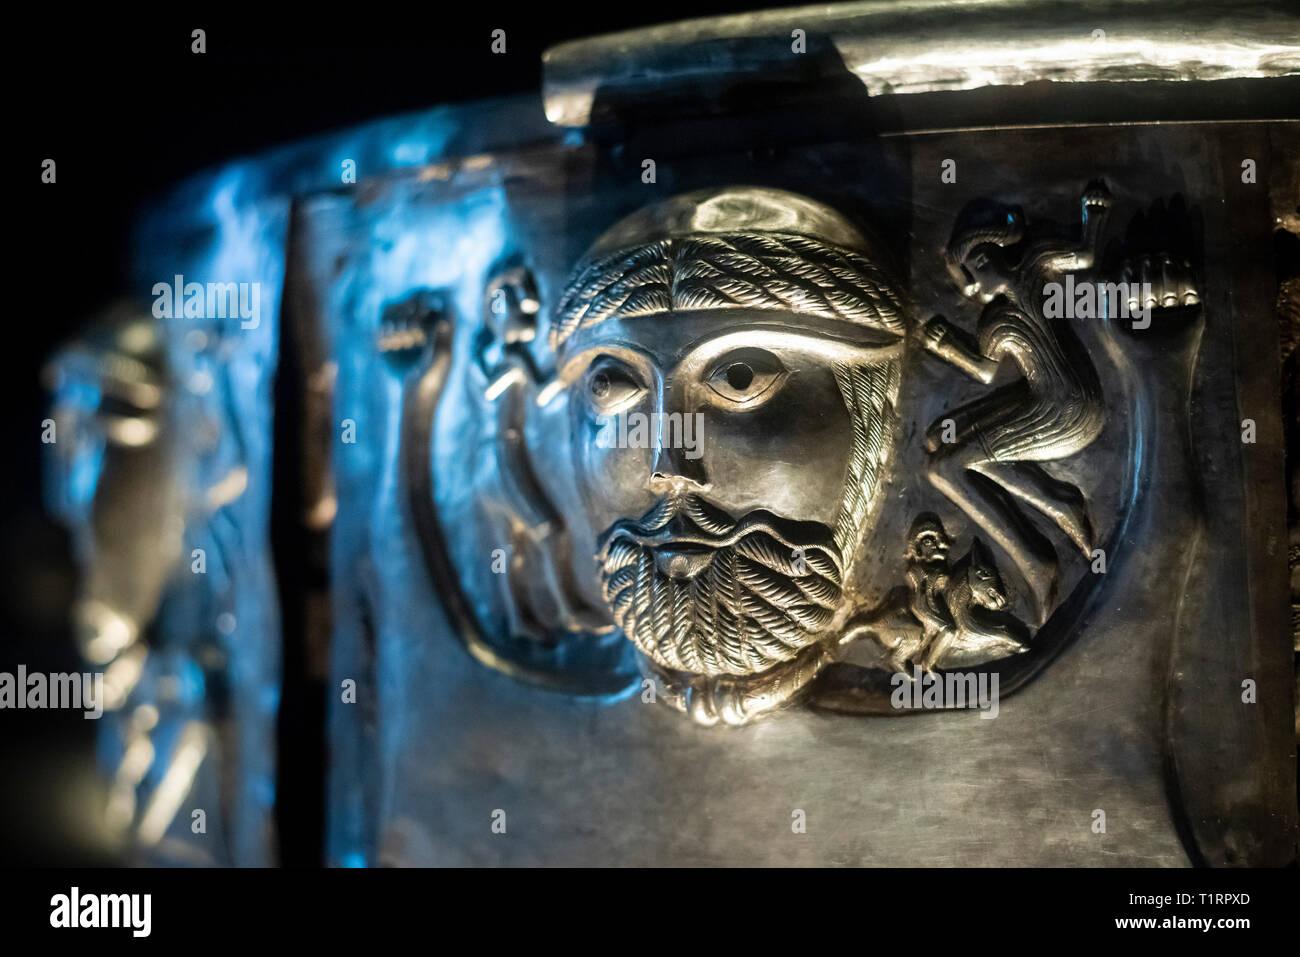 Copenhague. Dinamarca. El caldero de Gundestrup, ricamente decorado Silver Bowl, el Museo Nacional de Dinamarca. Detalle de la placa exterior c. La Gundestrup c Foto de stock